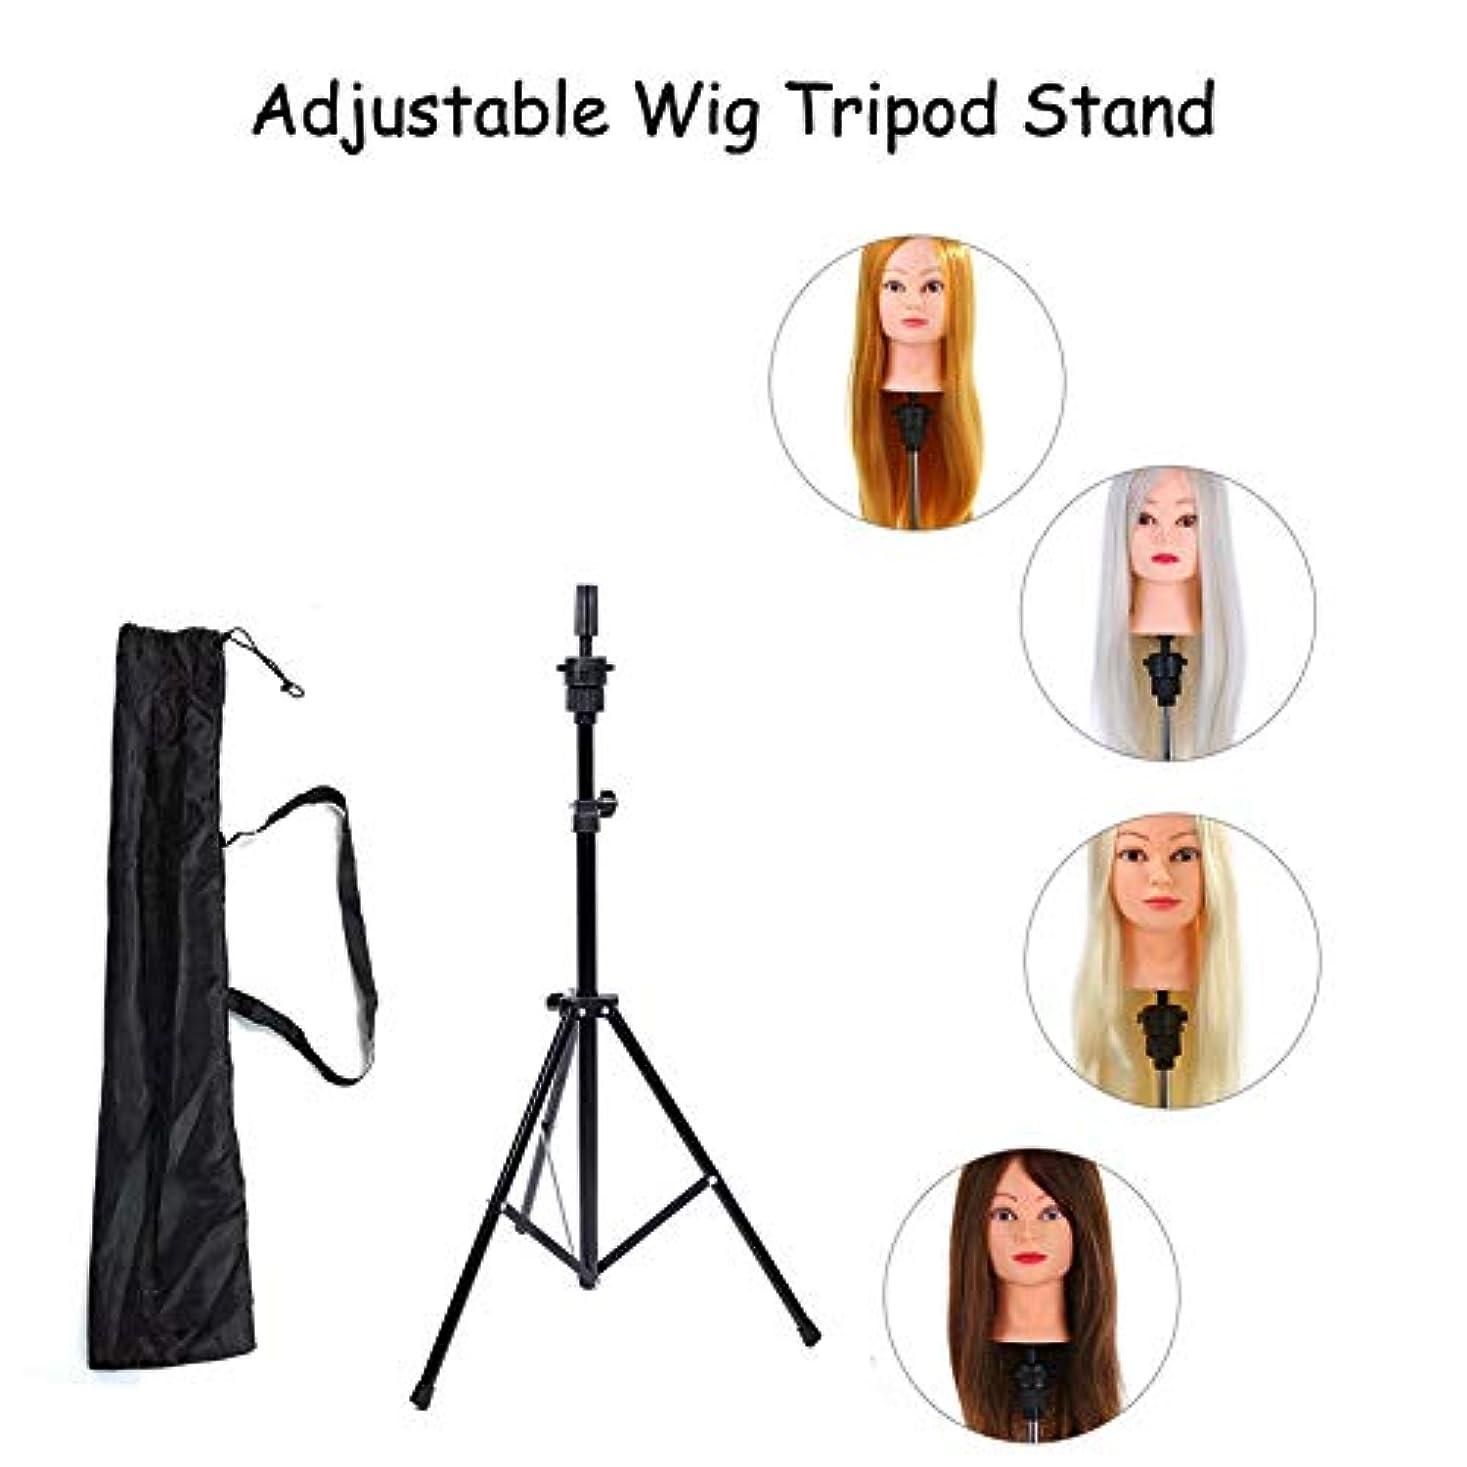 保全アカデミー十二マネキンウィッグヘッド三脚スタンド調節可能な美容トレーニング人形ヘッドホルダー用理髪かつらスタンド付きキャリーバッグ